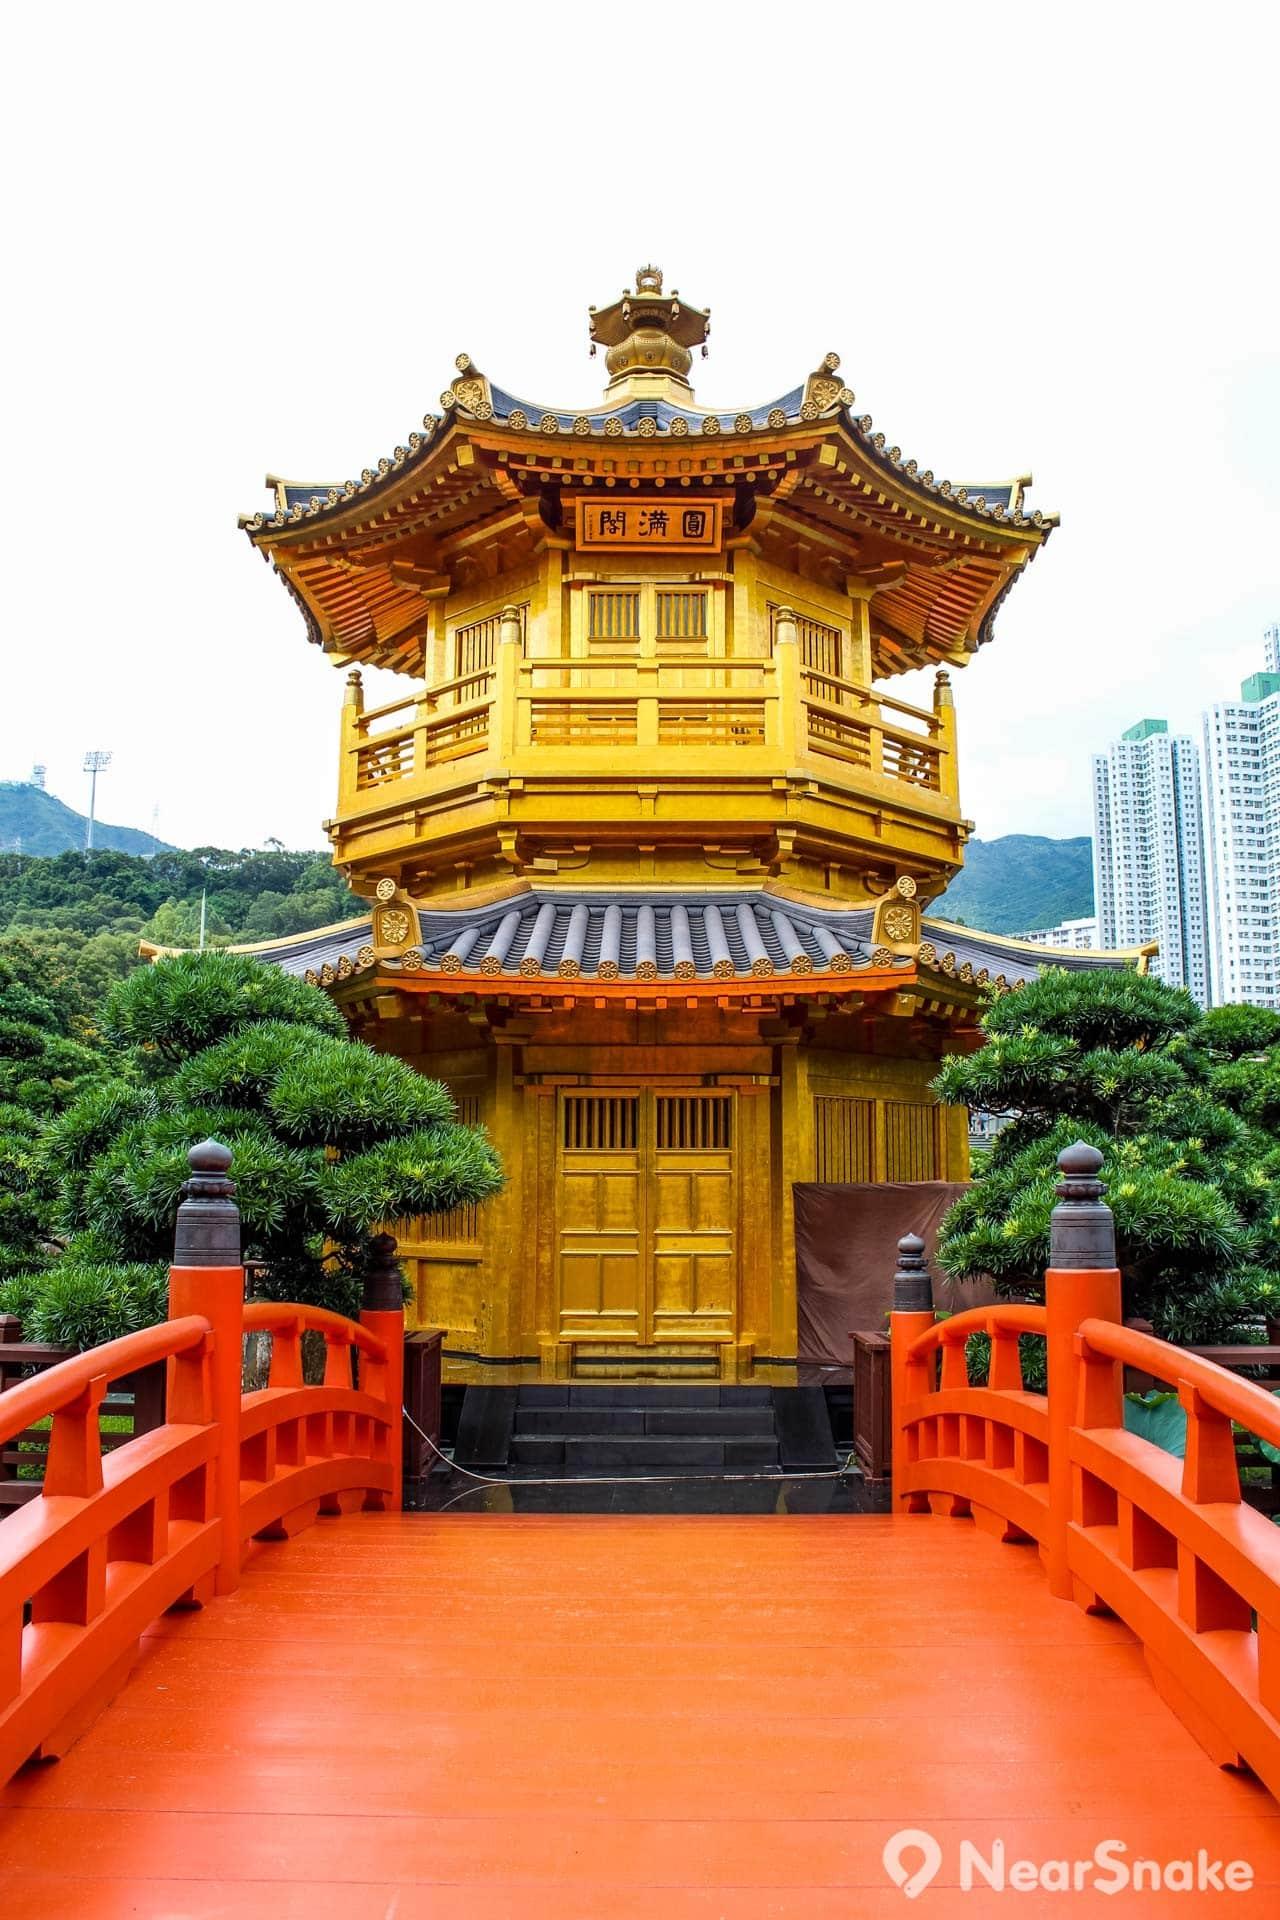 南蓮園池 Nam Lian Garden: 黃大仙鑽石山仿唐建築古色園林 | NearSnake.com